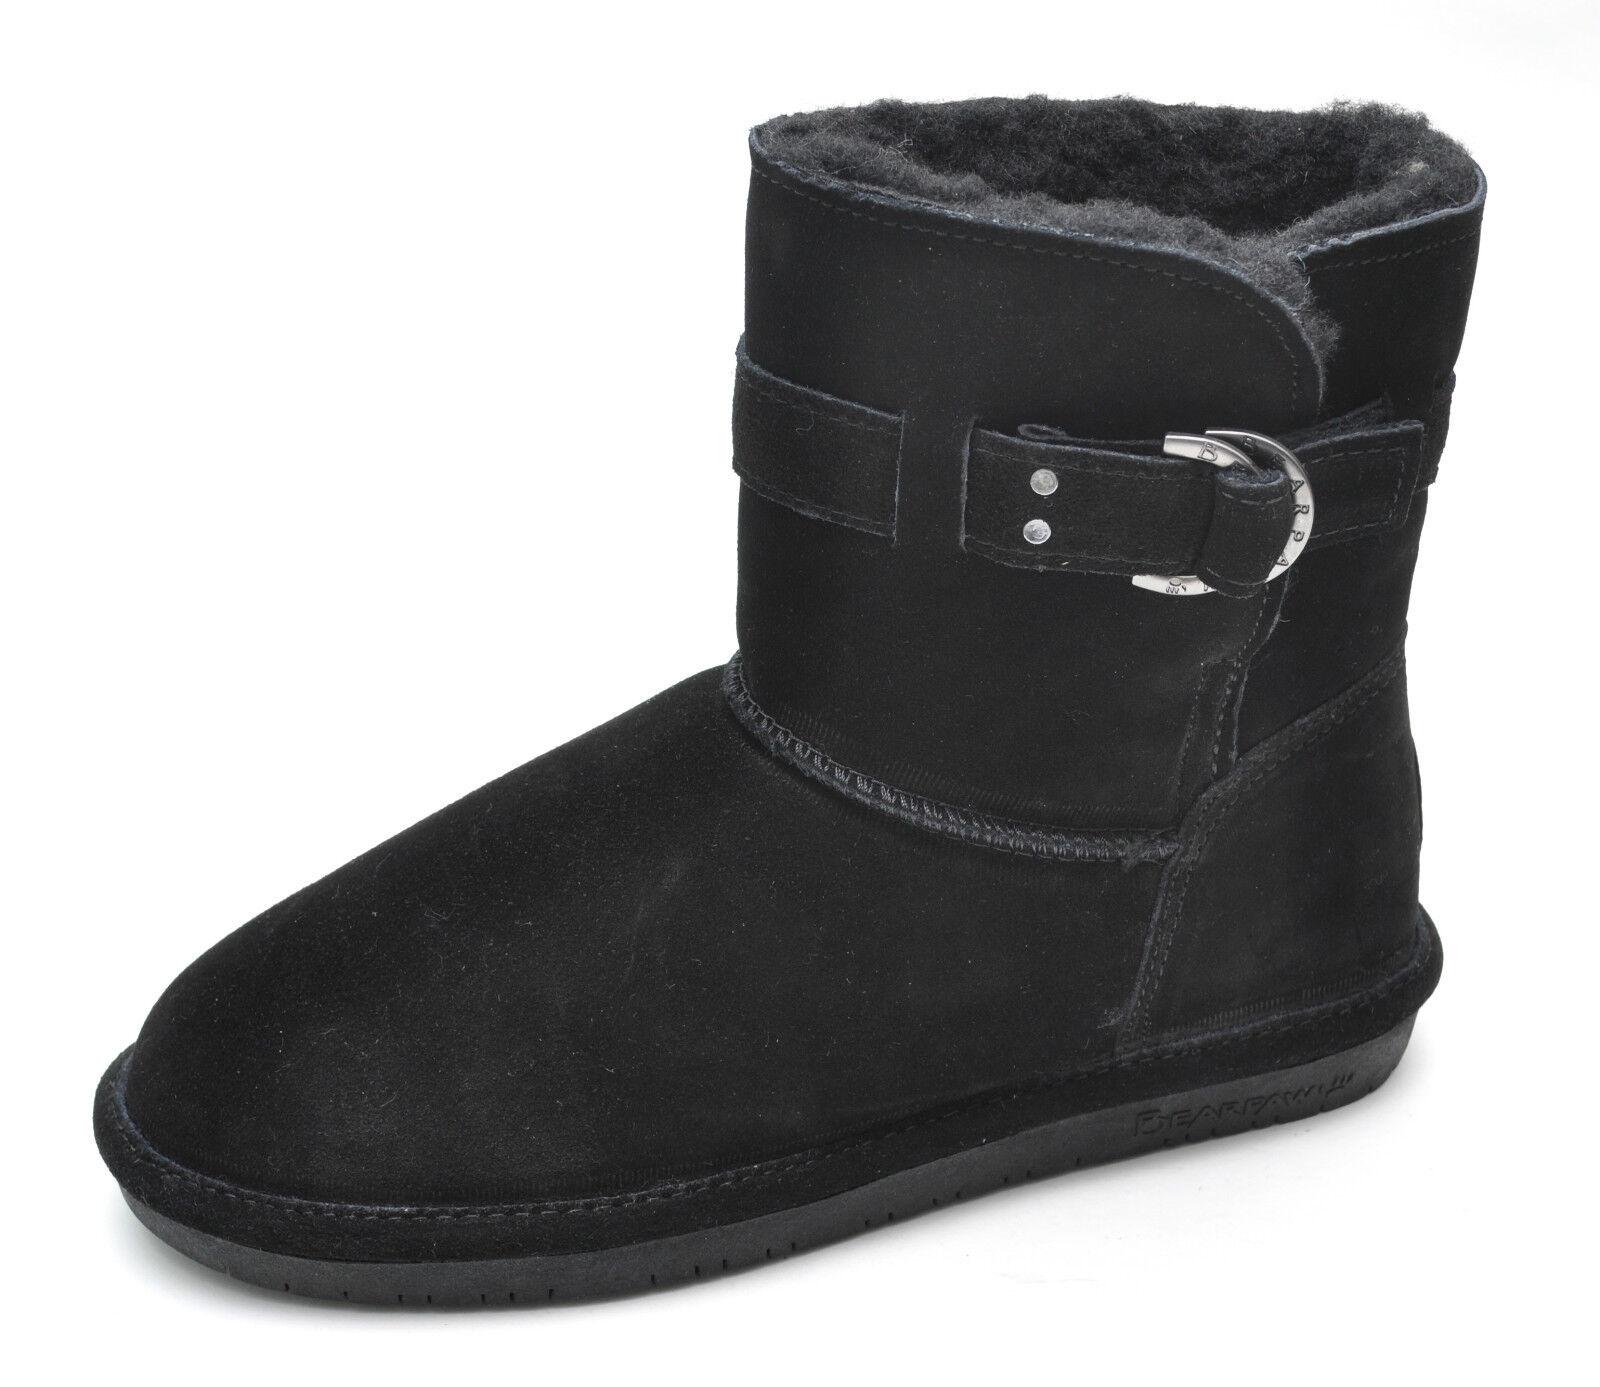 Bearpaw TESSA Black Suede Leather Sheepskin Ankle Boots Women's - NEW - 1243W